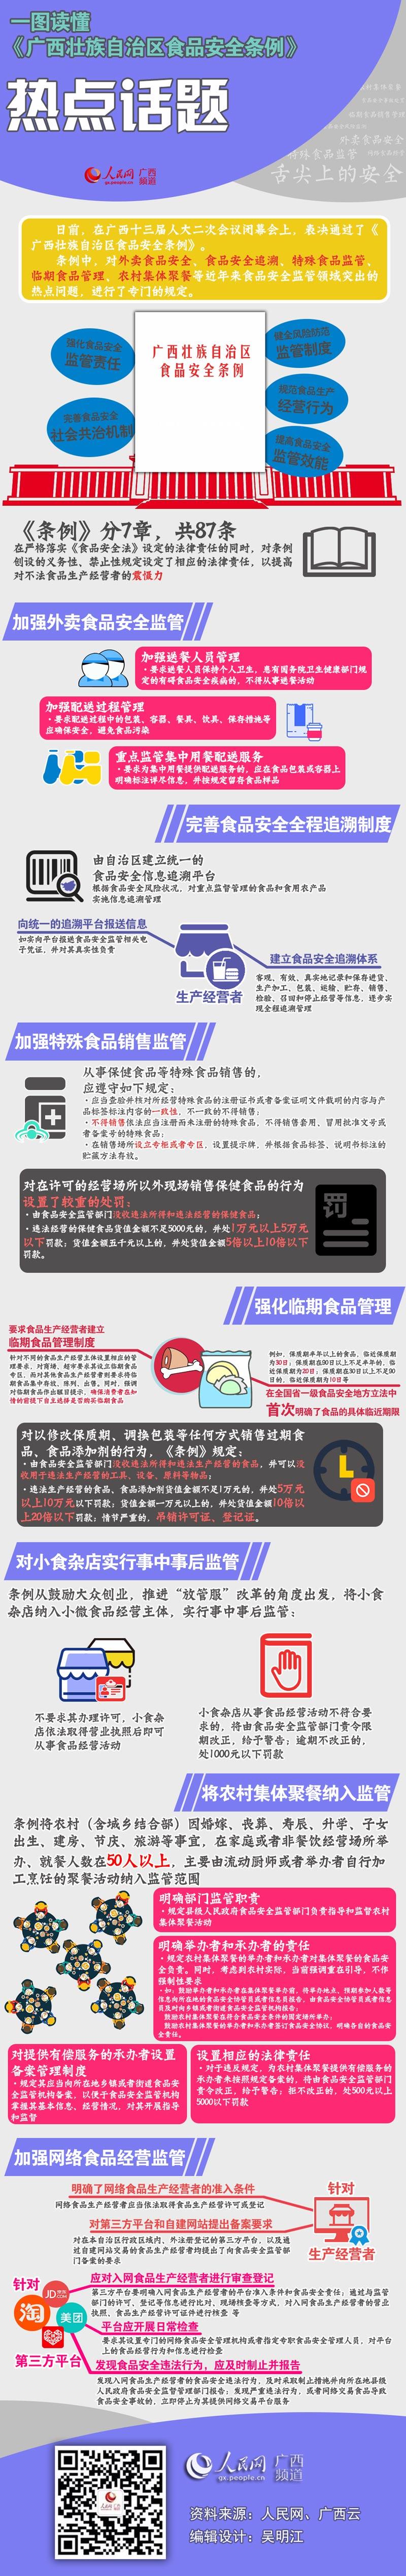 图解:《广西壮族自治区食品安全条例》热点解读